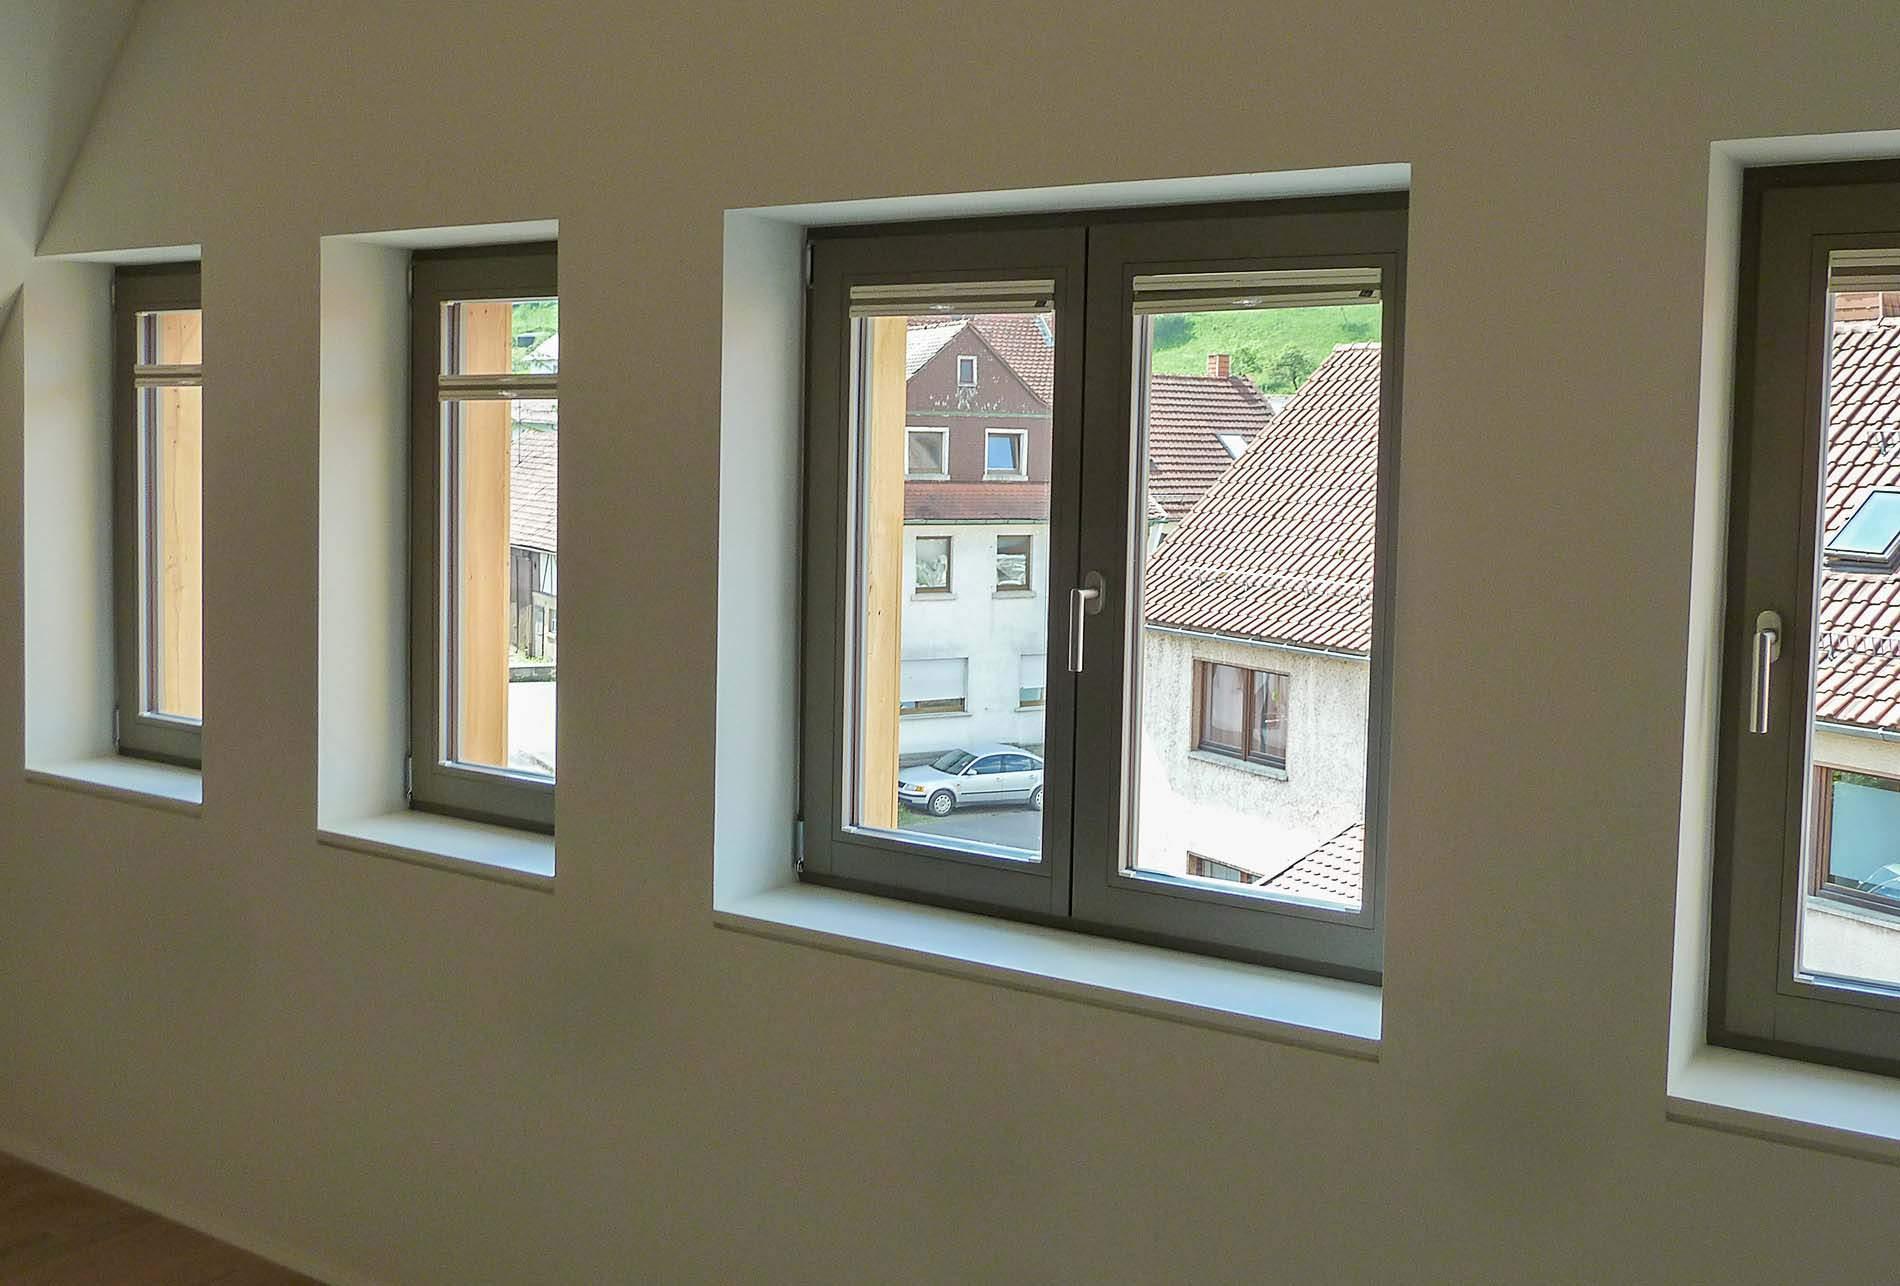 Schreinerei Mihm Benotigen Sie Neue Fenster Oder Fensterbanke